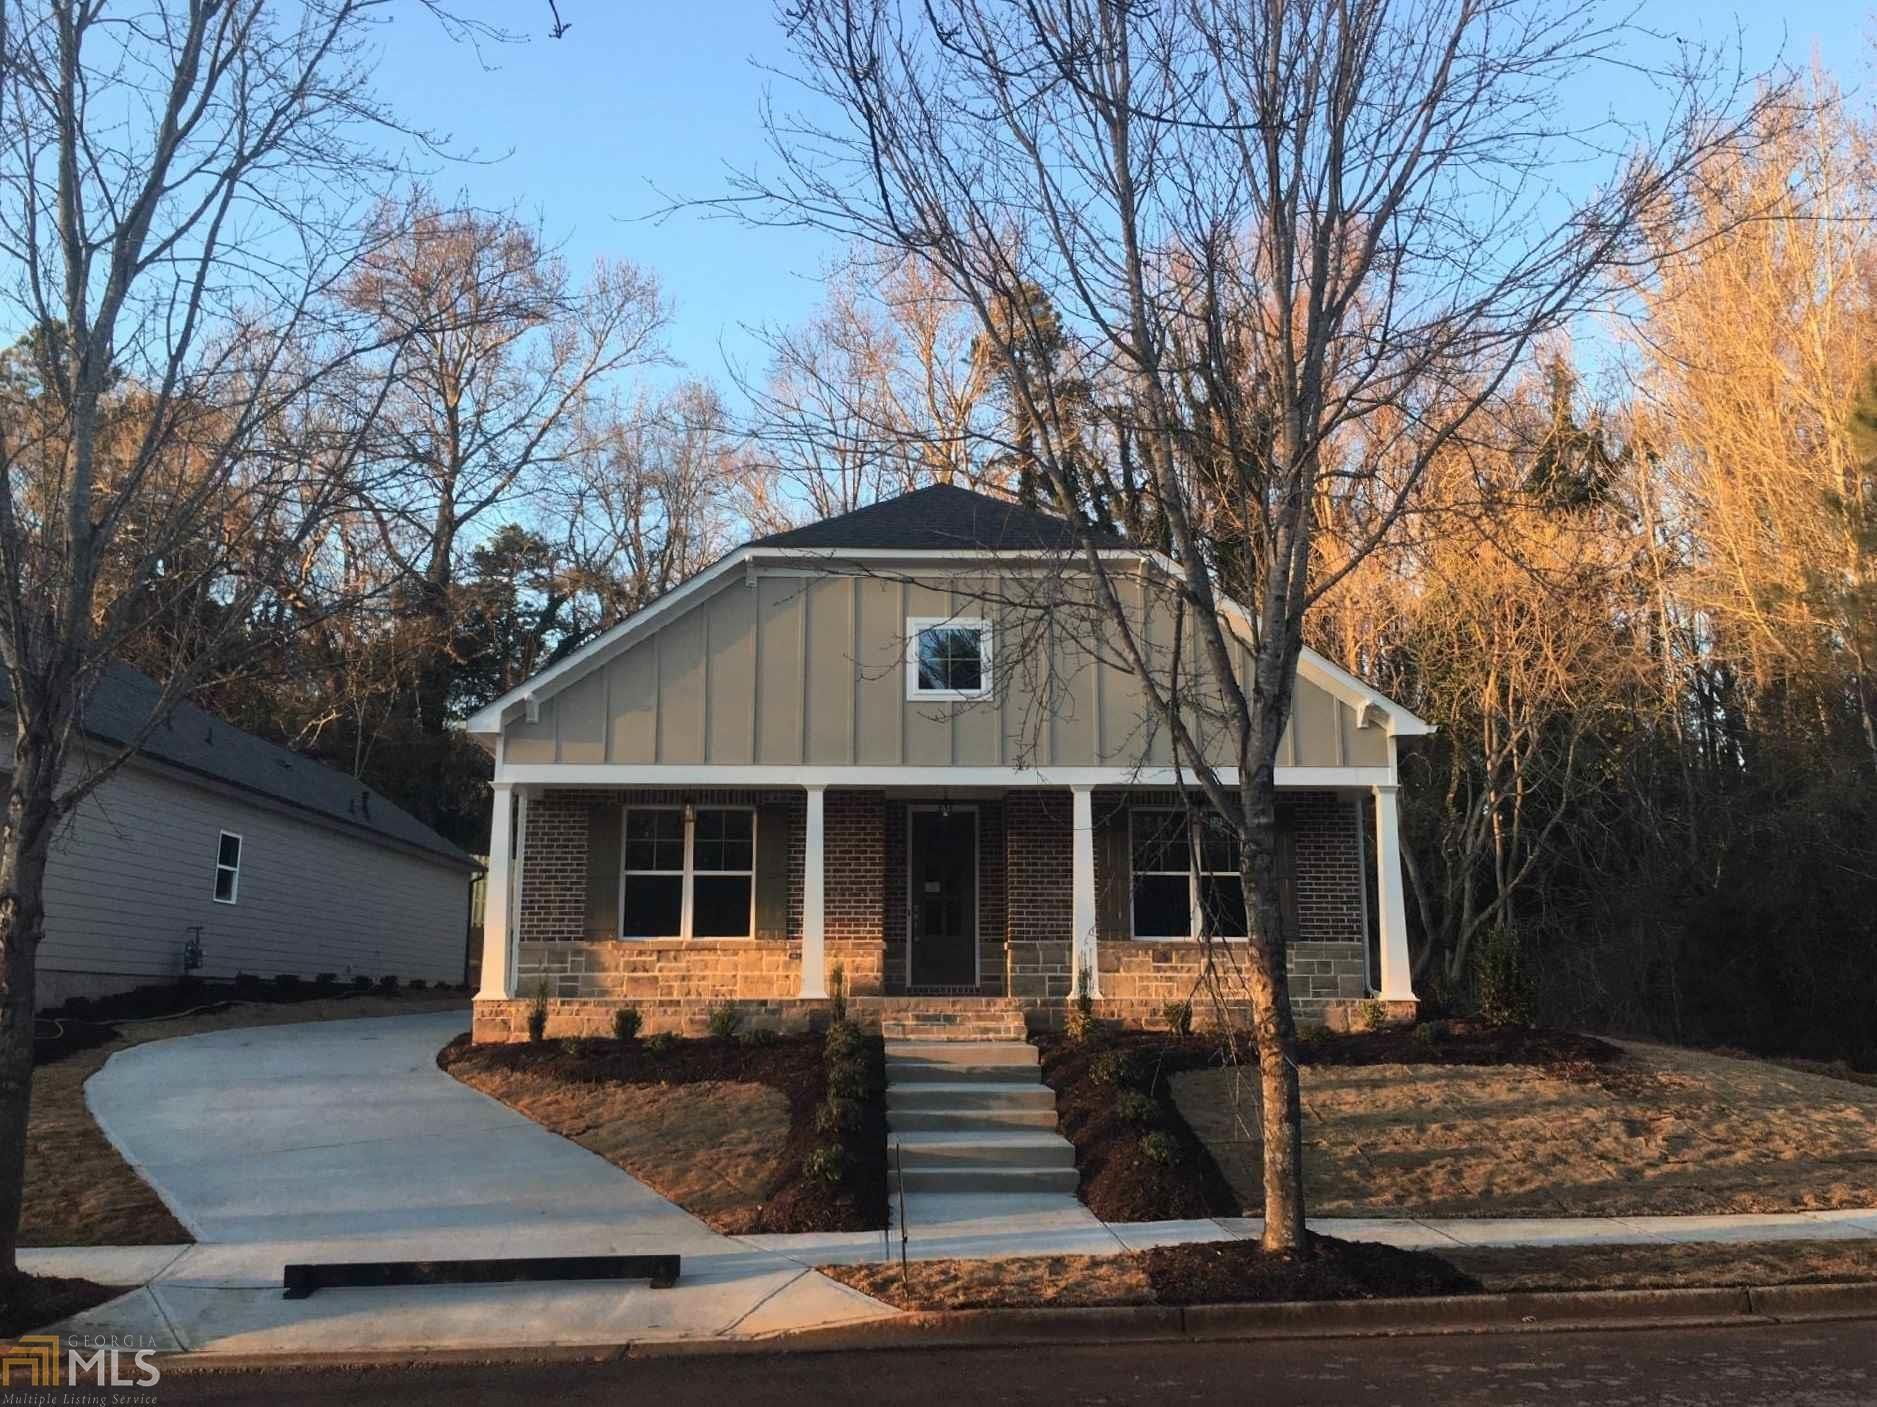 329 Edgewater Dr, Athens, GA 30605 - MLS#: 8875048